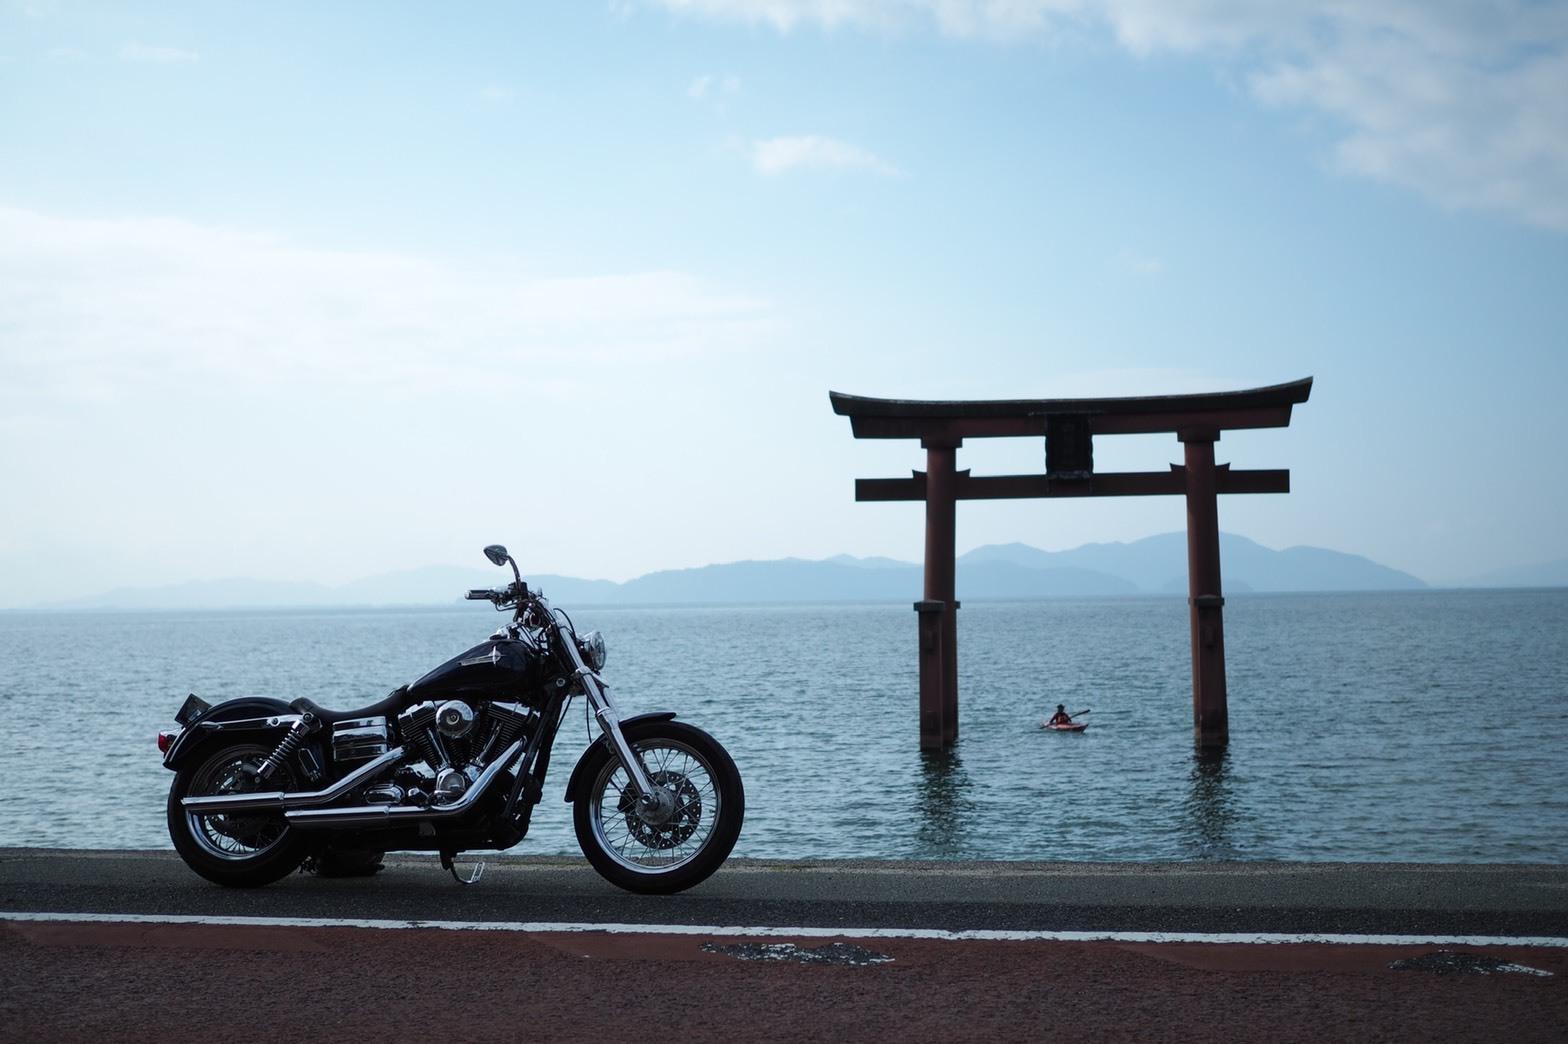 ぴーきちハーレーブログ 福井金沢ツーリング 白髭神社の鳥居